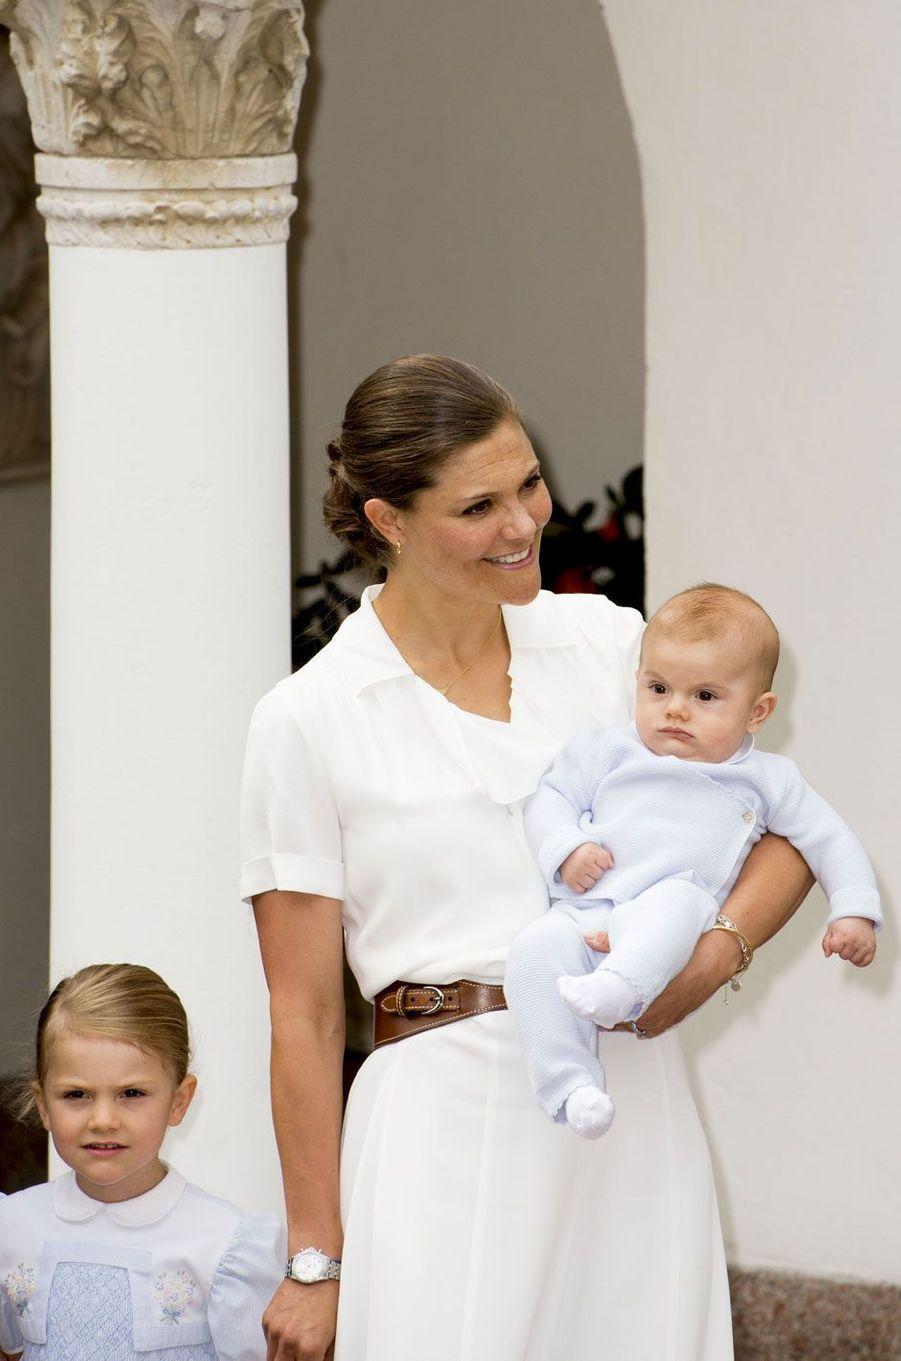 Victoria, accompagnée de la princesse Estelle et du prince Oscar, est une joyeuse maman de 39 ans